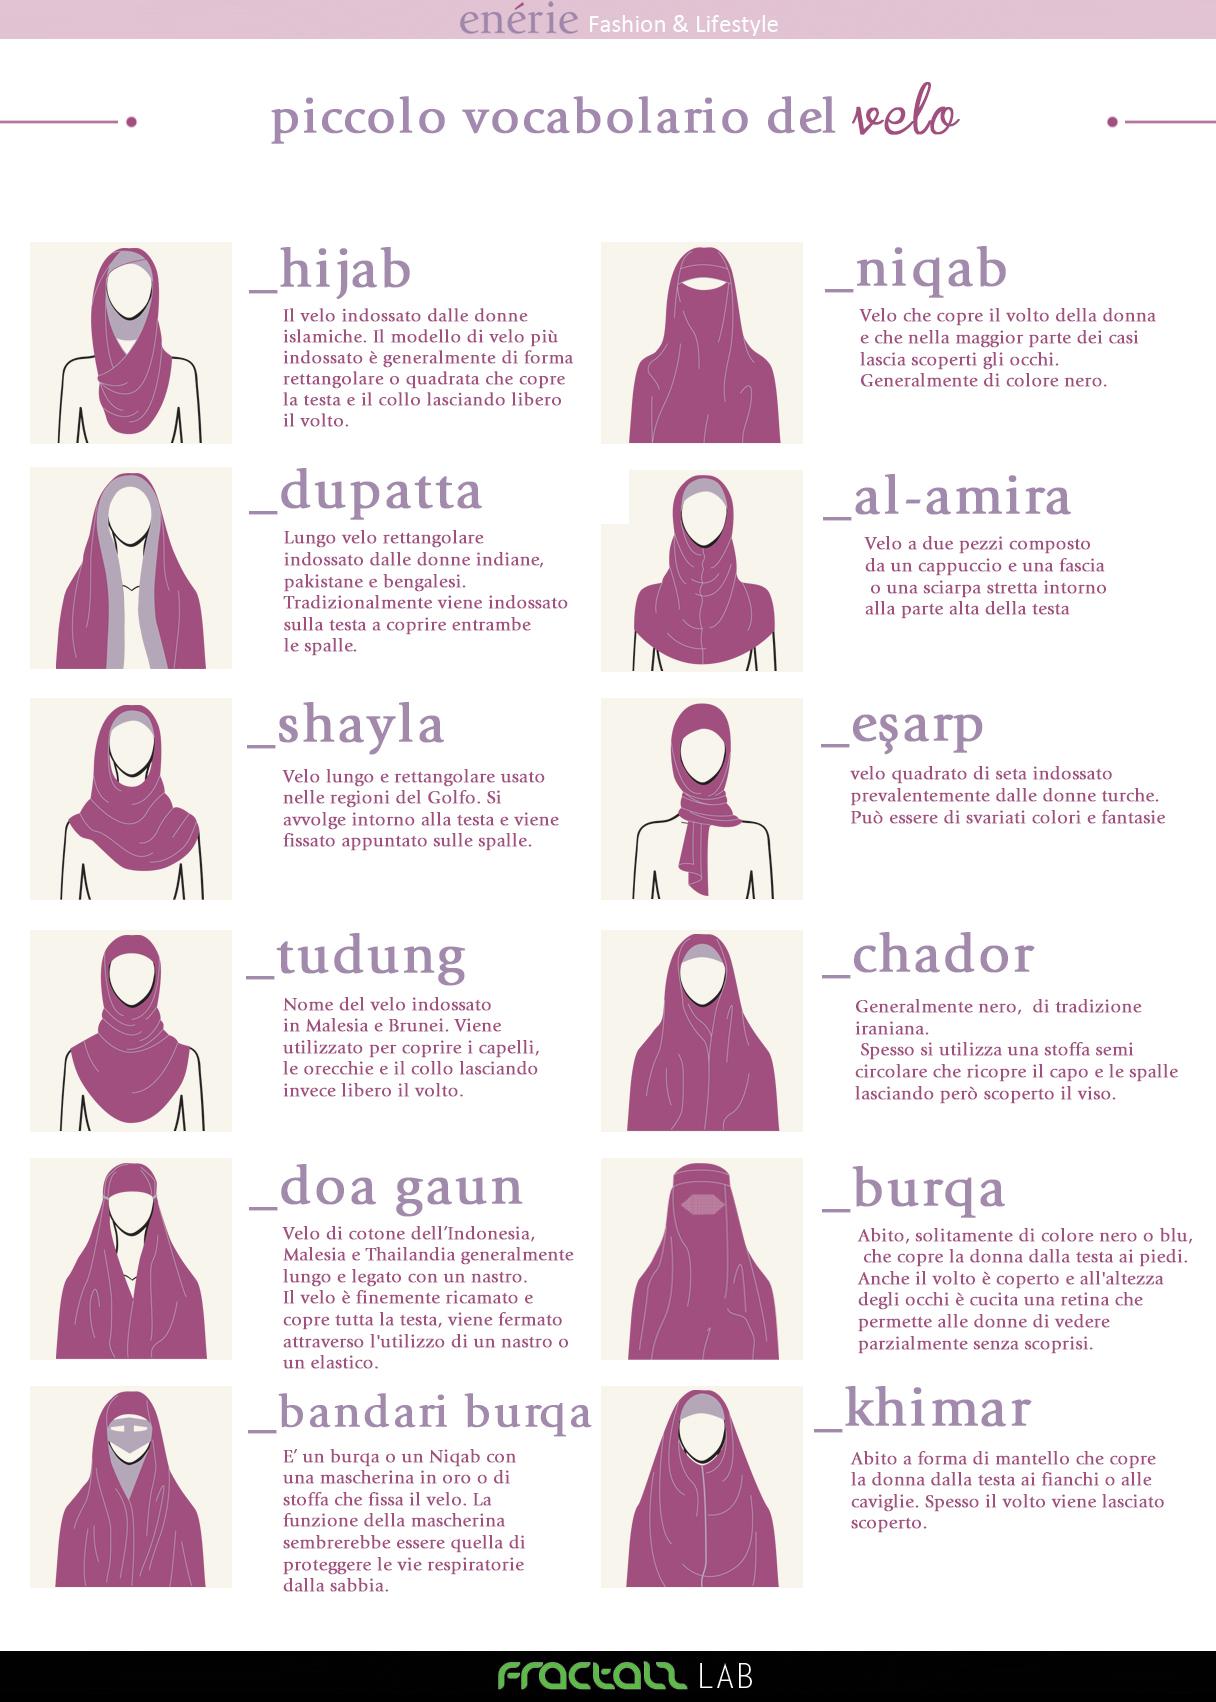 Il velo su instagram l 39 accessorio moda delle donne - Perche le donne musulmane portano il velo ...